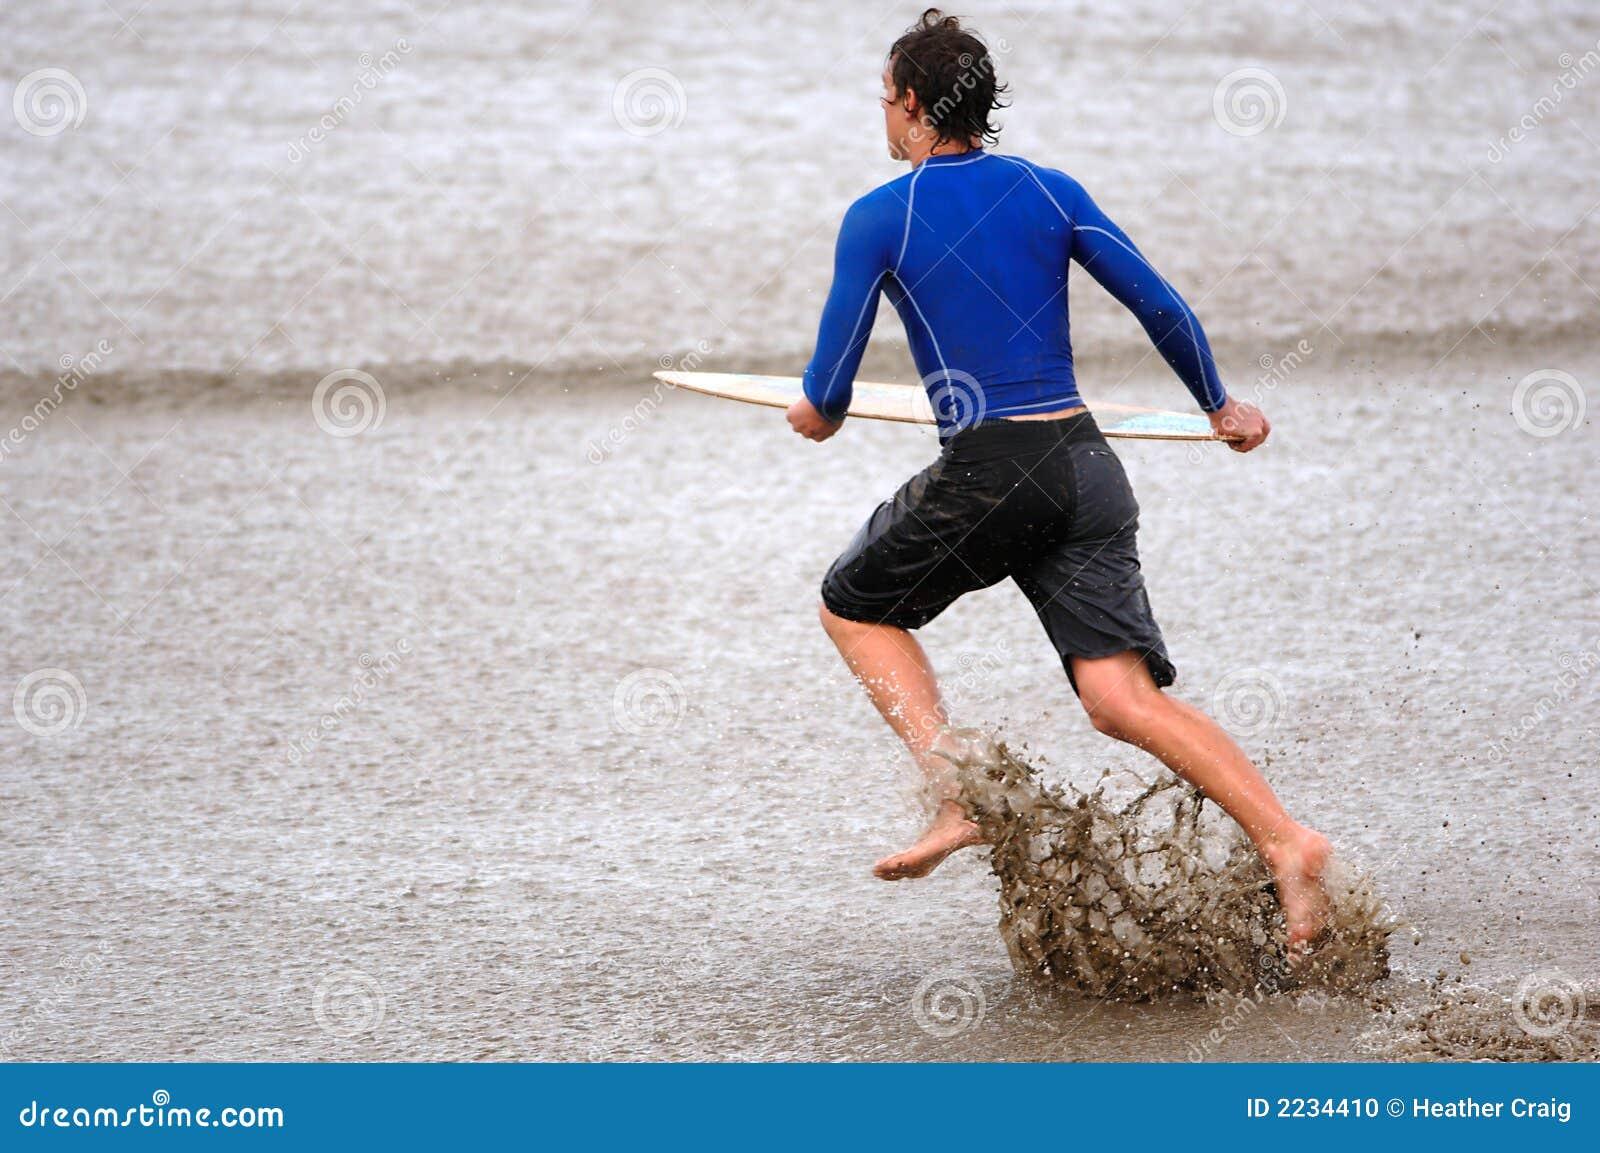 Shred Beach Boy